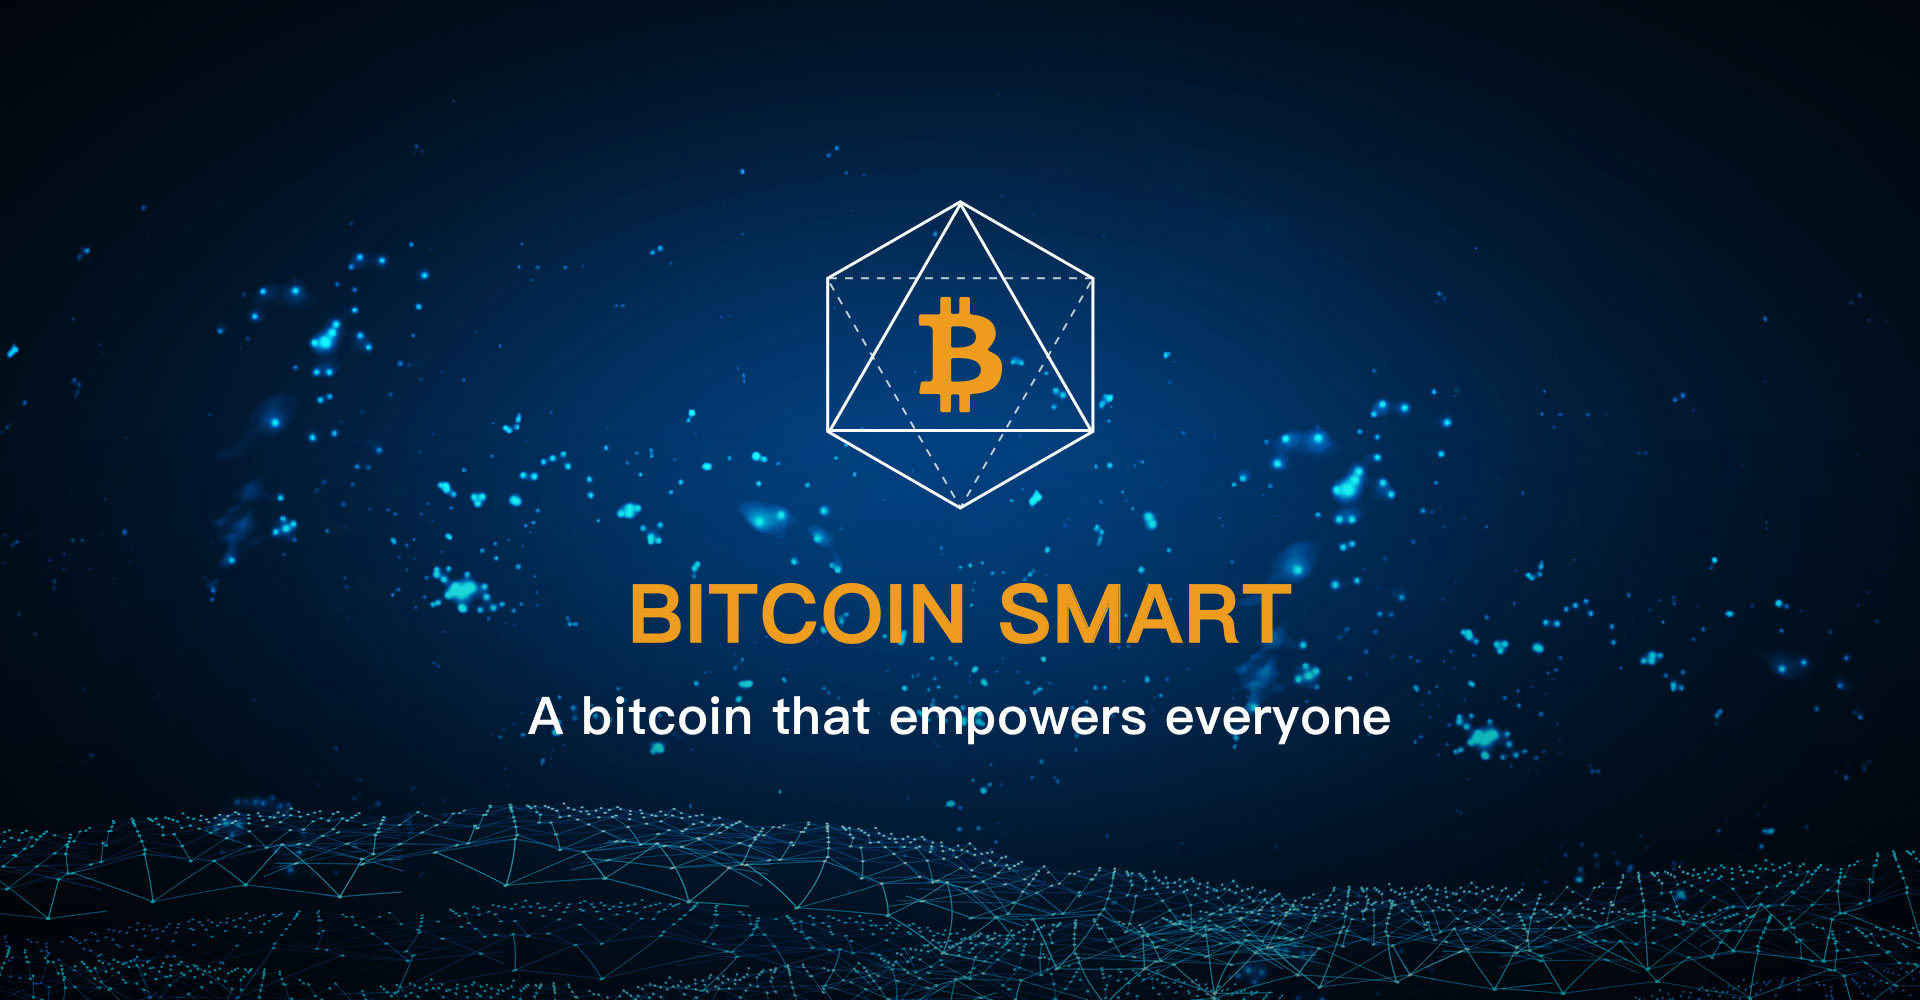 kaip prekiauti bitcoin naudojant luno interaktyvūs brokeriai trumpas pardavimas bitcoin